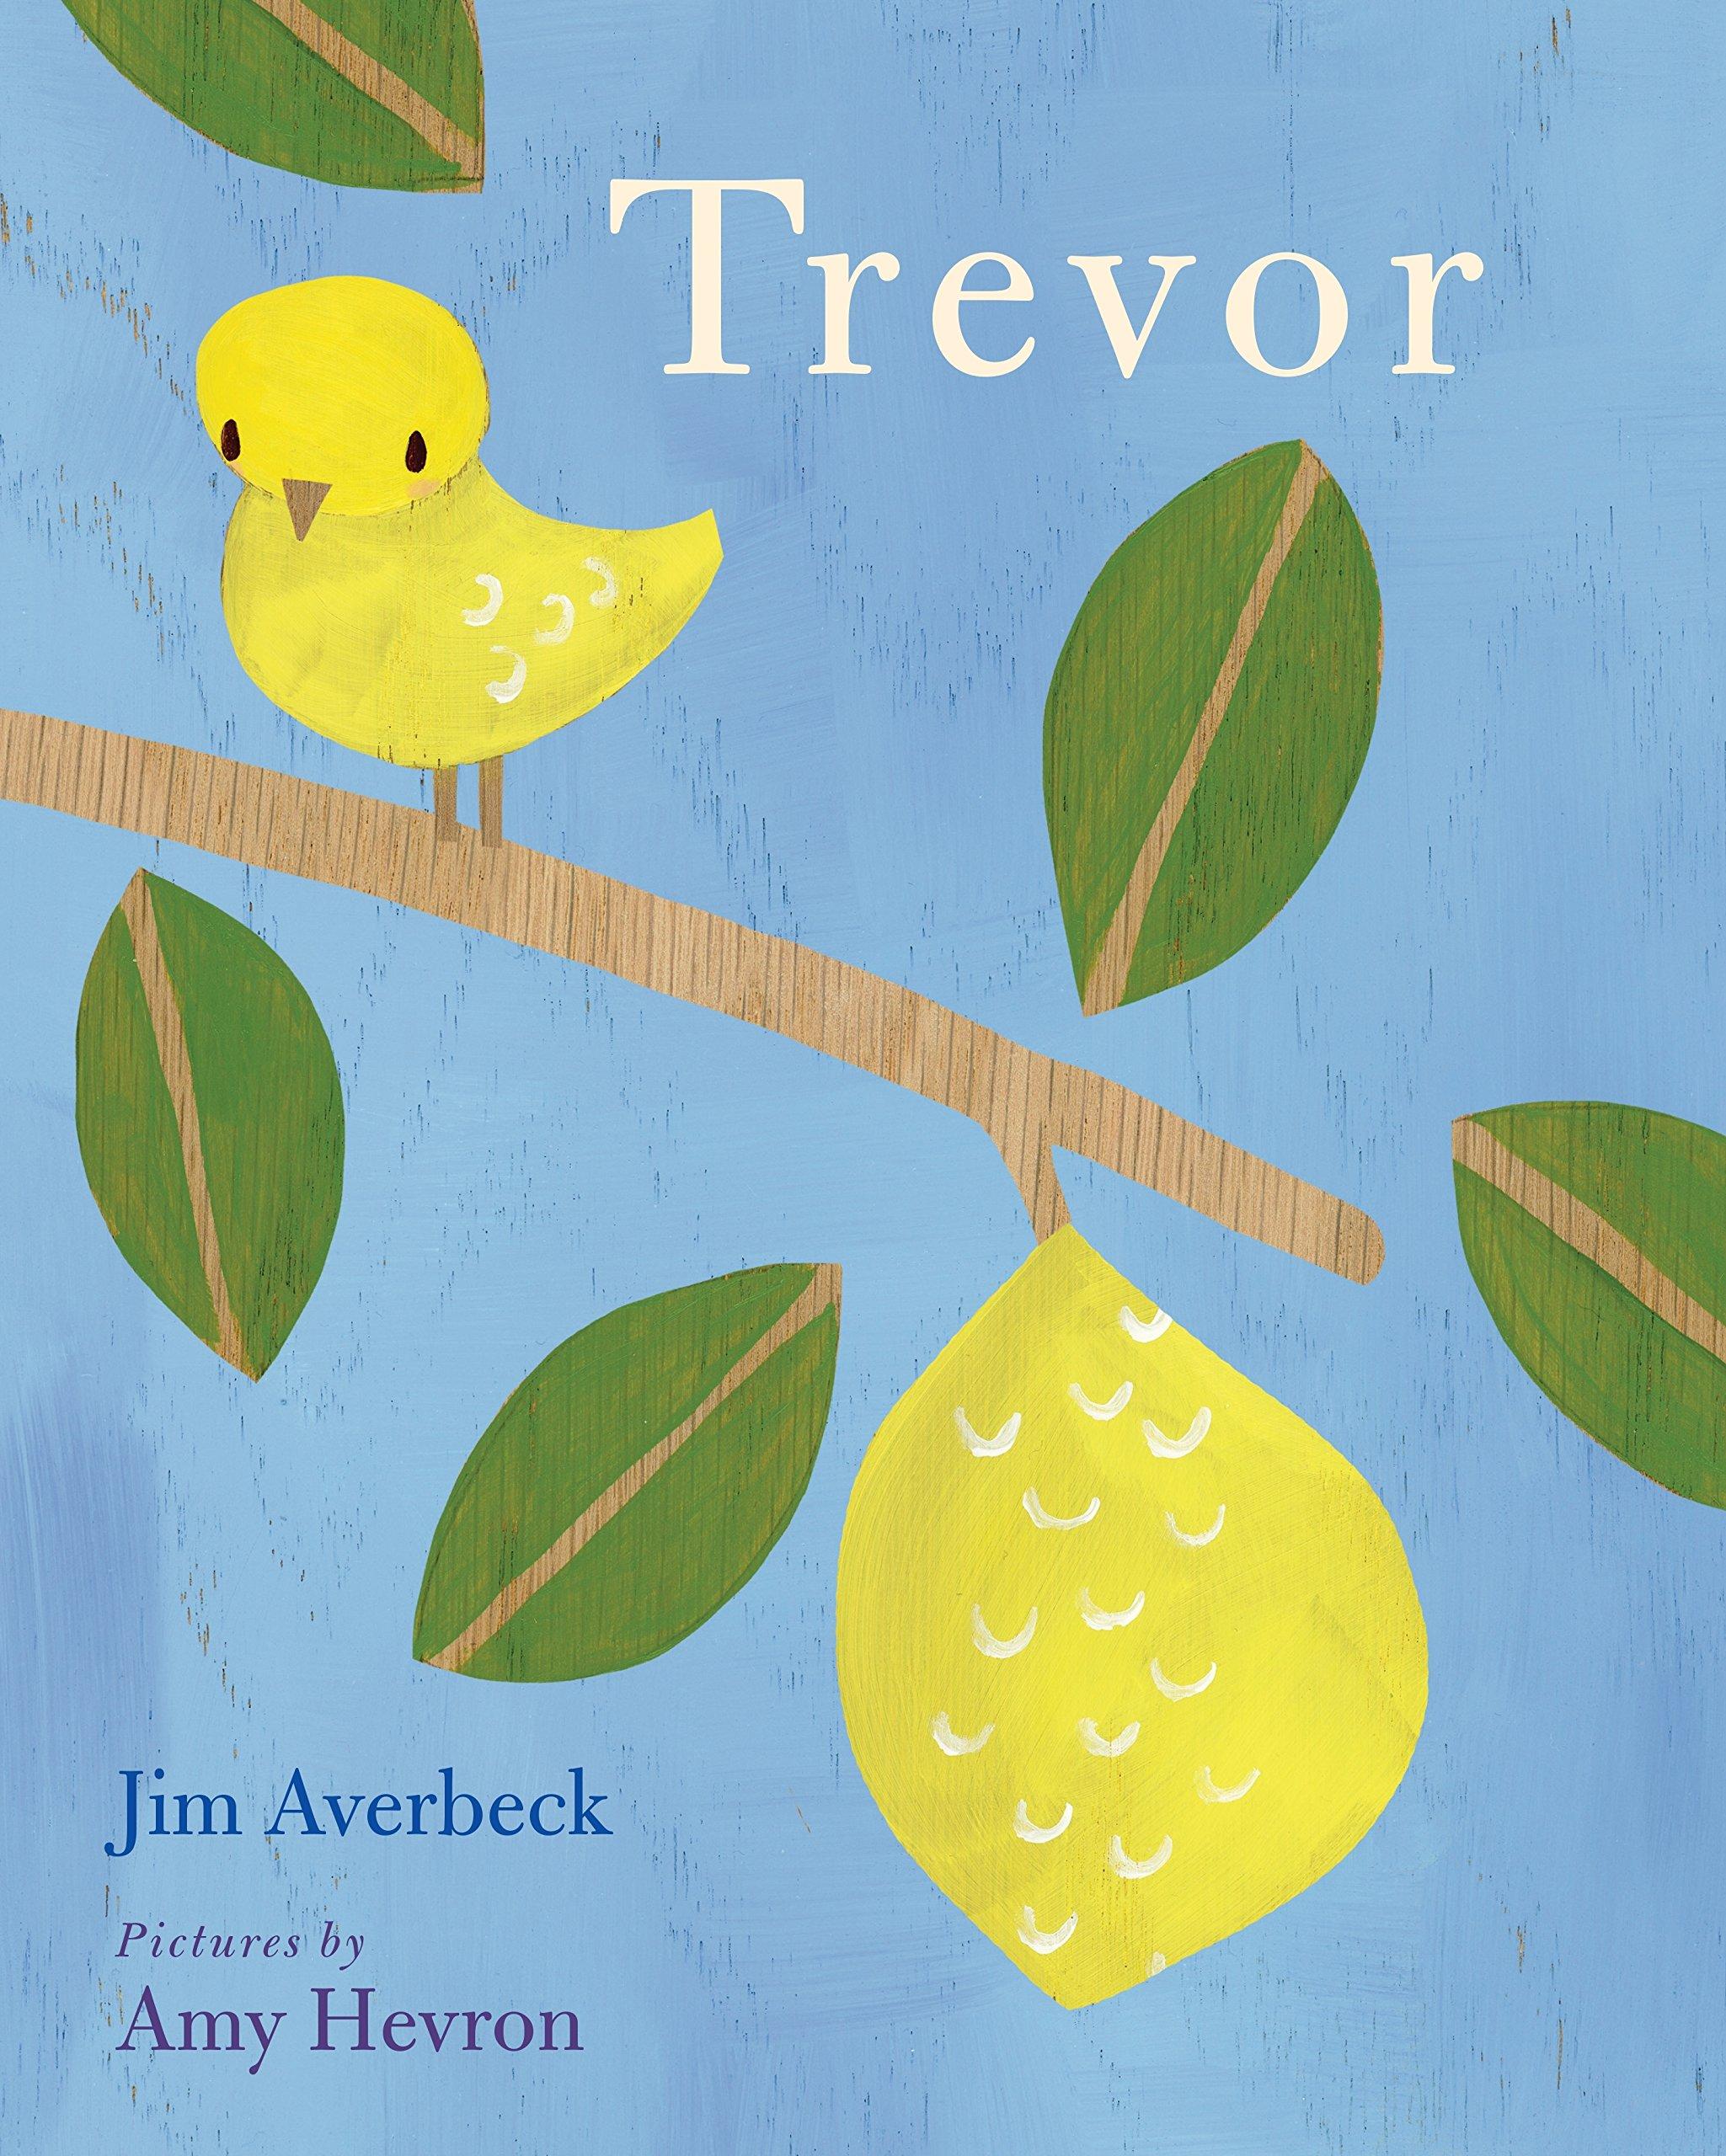 celebrate-picture-books-picture-book-review-trevor-cover